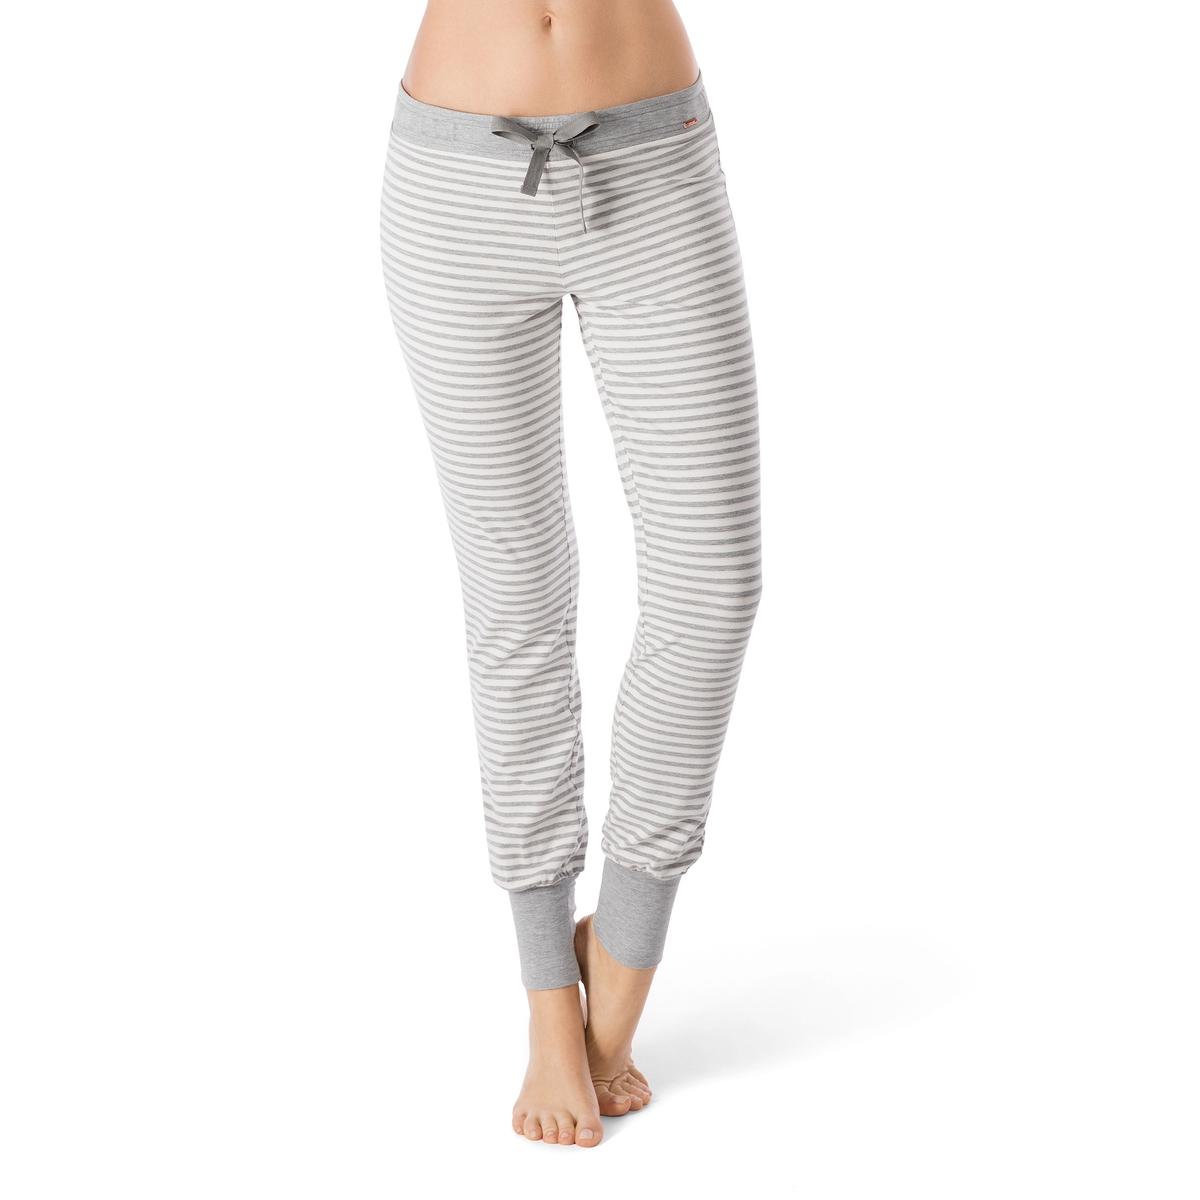 Брюки пижамные  Sleep &amp; DreamБрюки пижамные из джерси Sleep Dream от Skiny. Брюки в полоску с завязками в кулиске на поясе. Отделка низа брючин в рубчик с отворотами. Эластичный пояс. Состав и описание :Основной материал : 95% хлопка, 5% эластанаМарка : SkinyУходМашинная стирка при 30 °CСтирать вместе с одеждой подобных цветов<br><br>Цвет: экрю/серый<br>Размер: 36 (FR) - 42 (RUS)